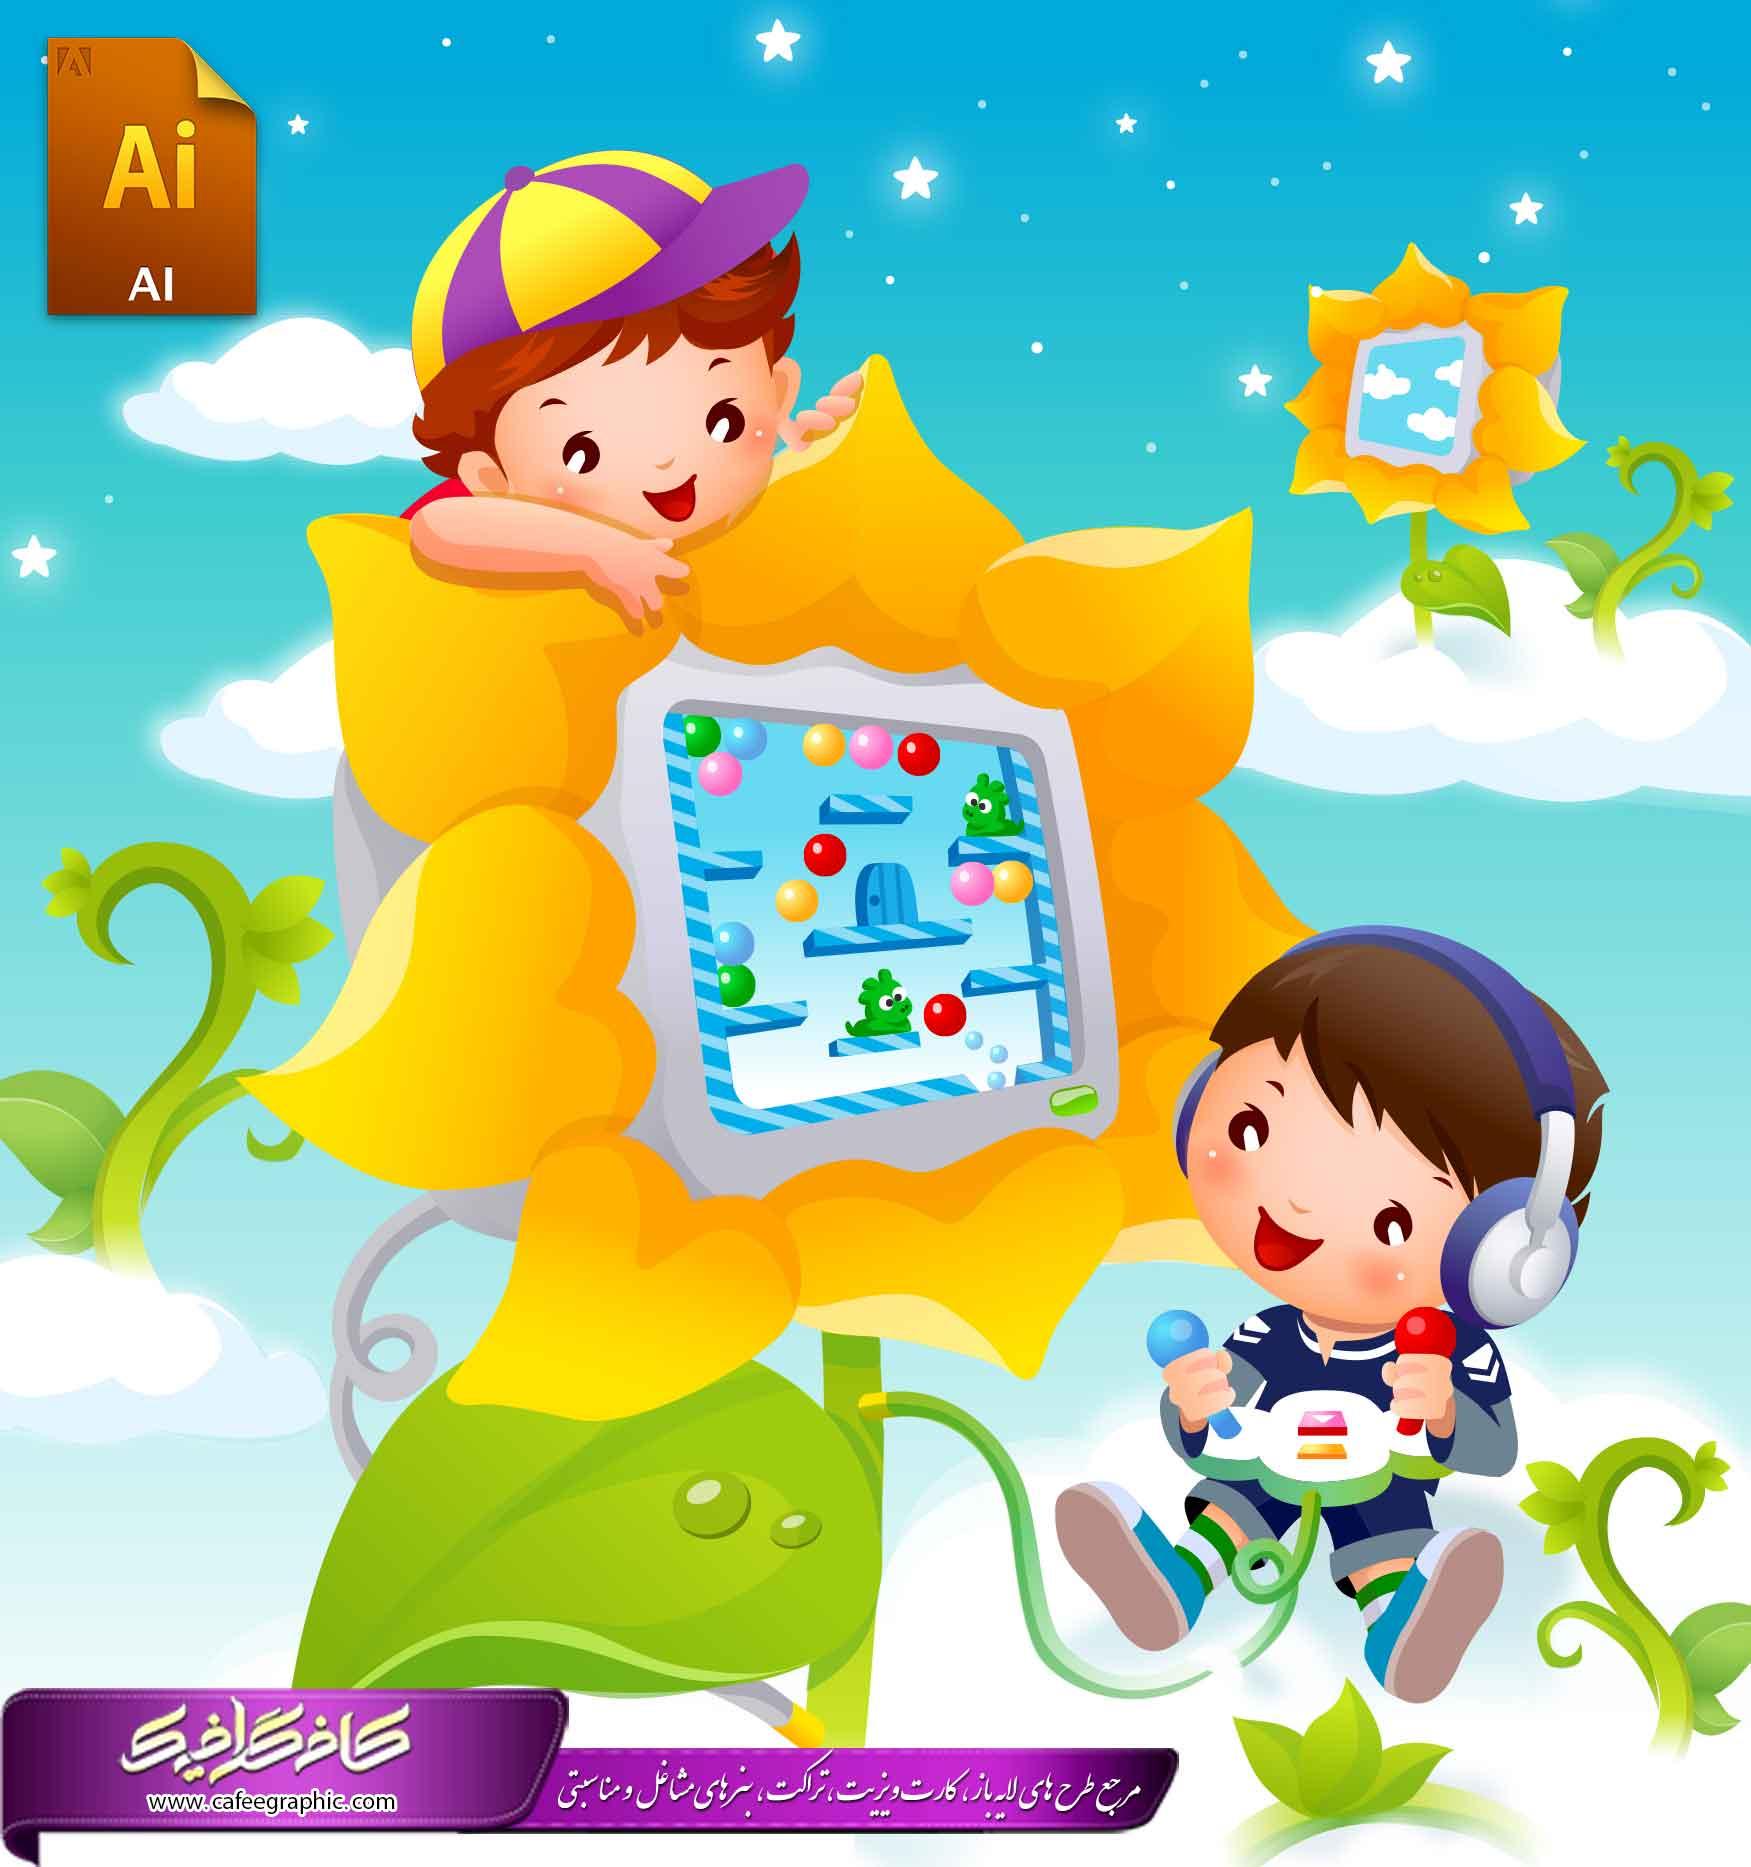 کارکتر و شخصیت کارتونی کودک و گل آفتاب گردان در فرمت Ai و eps